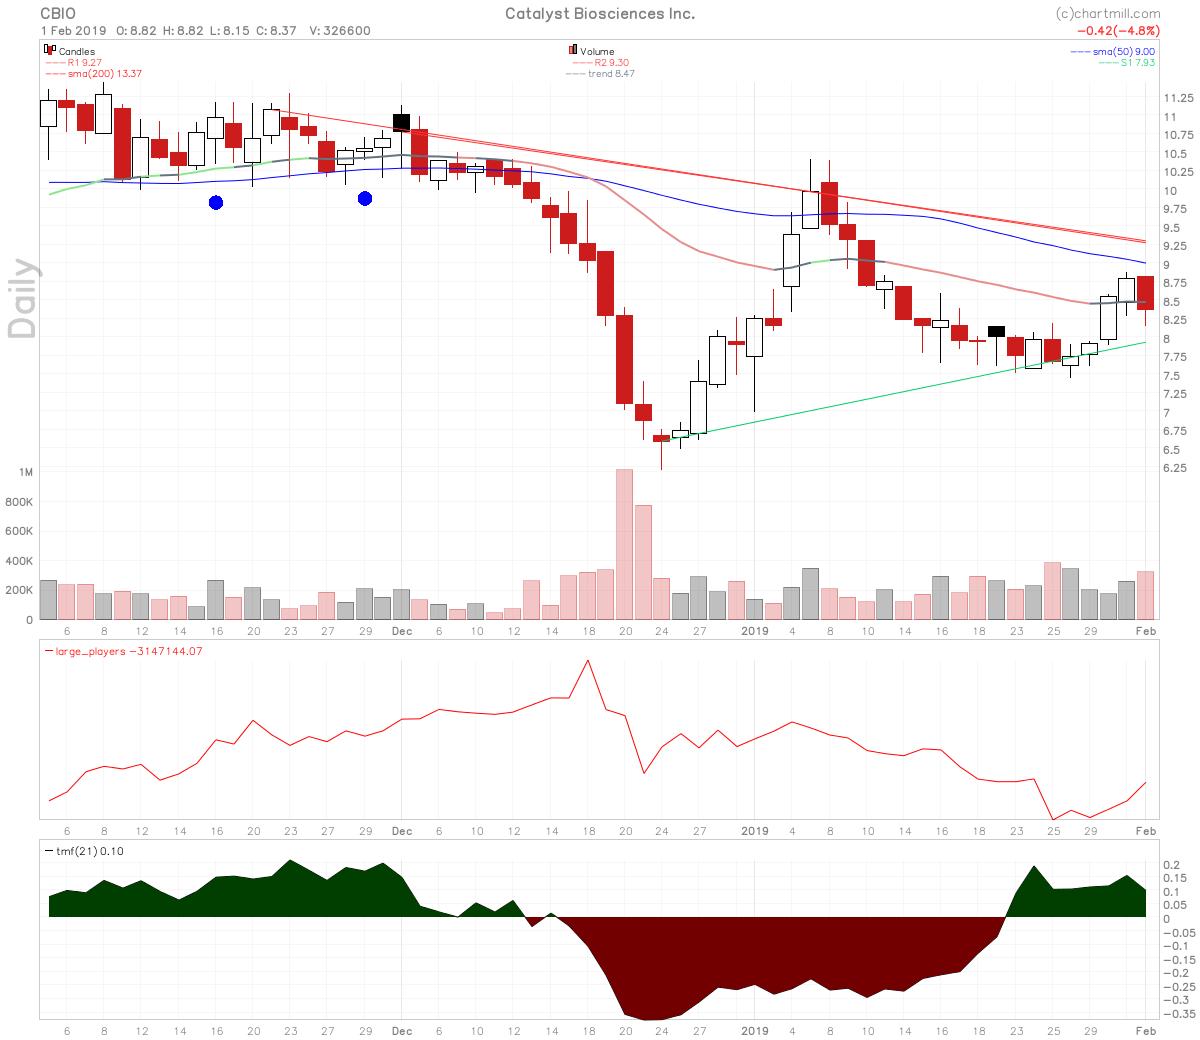 CBIO stock chart